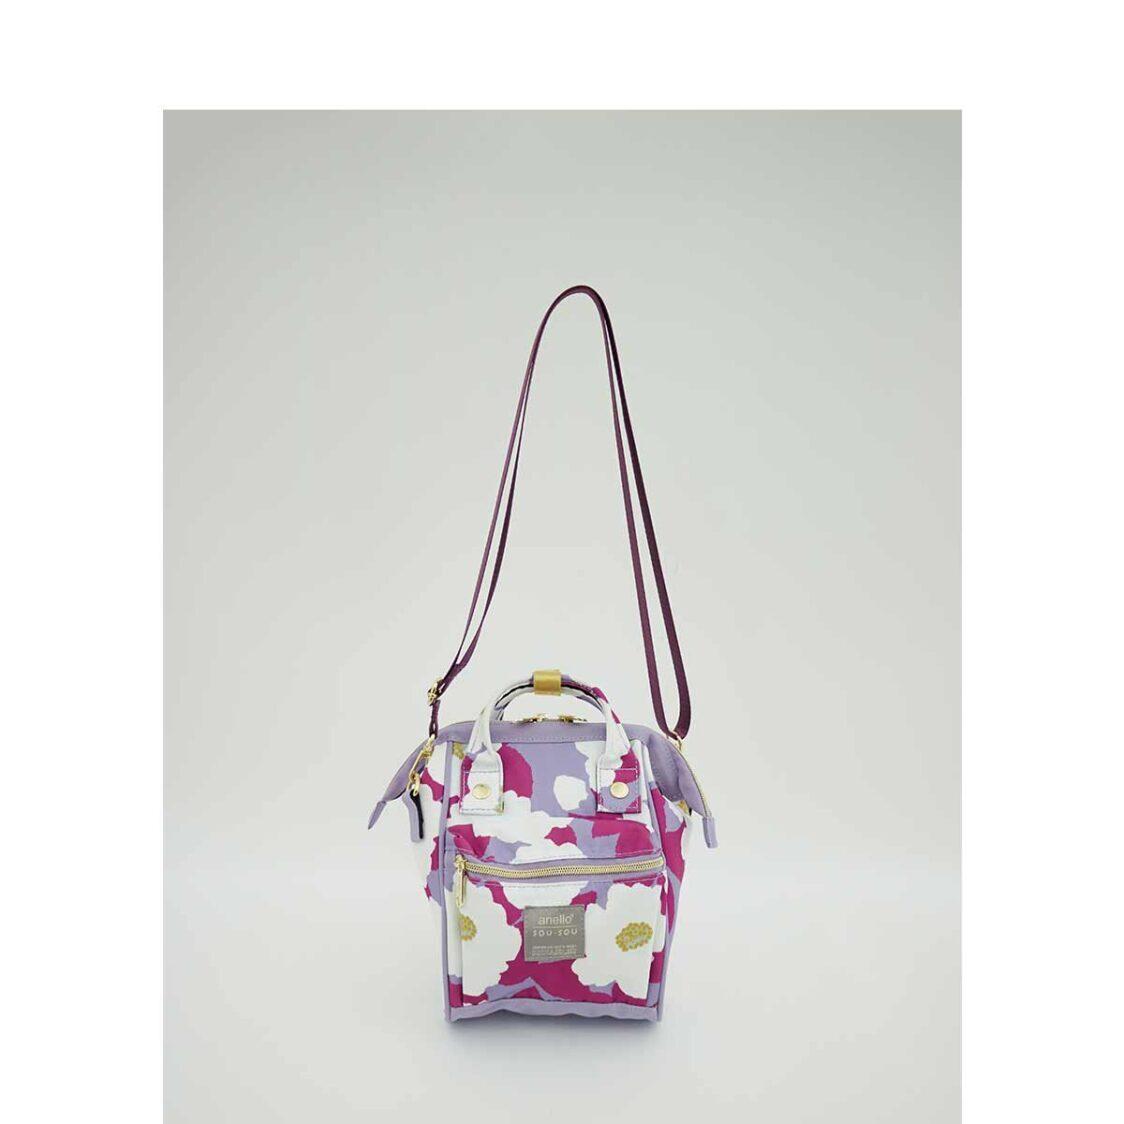 Anello X SousouT 2Way Micro Shoulder Bag Lavender